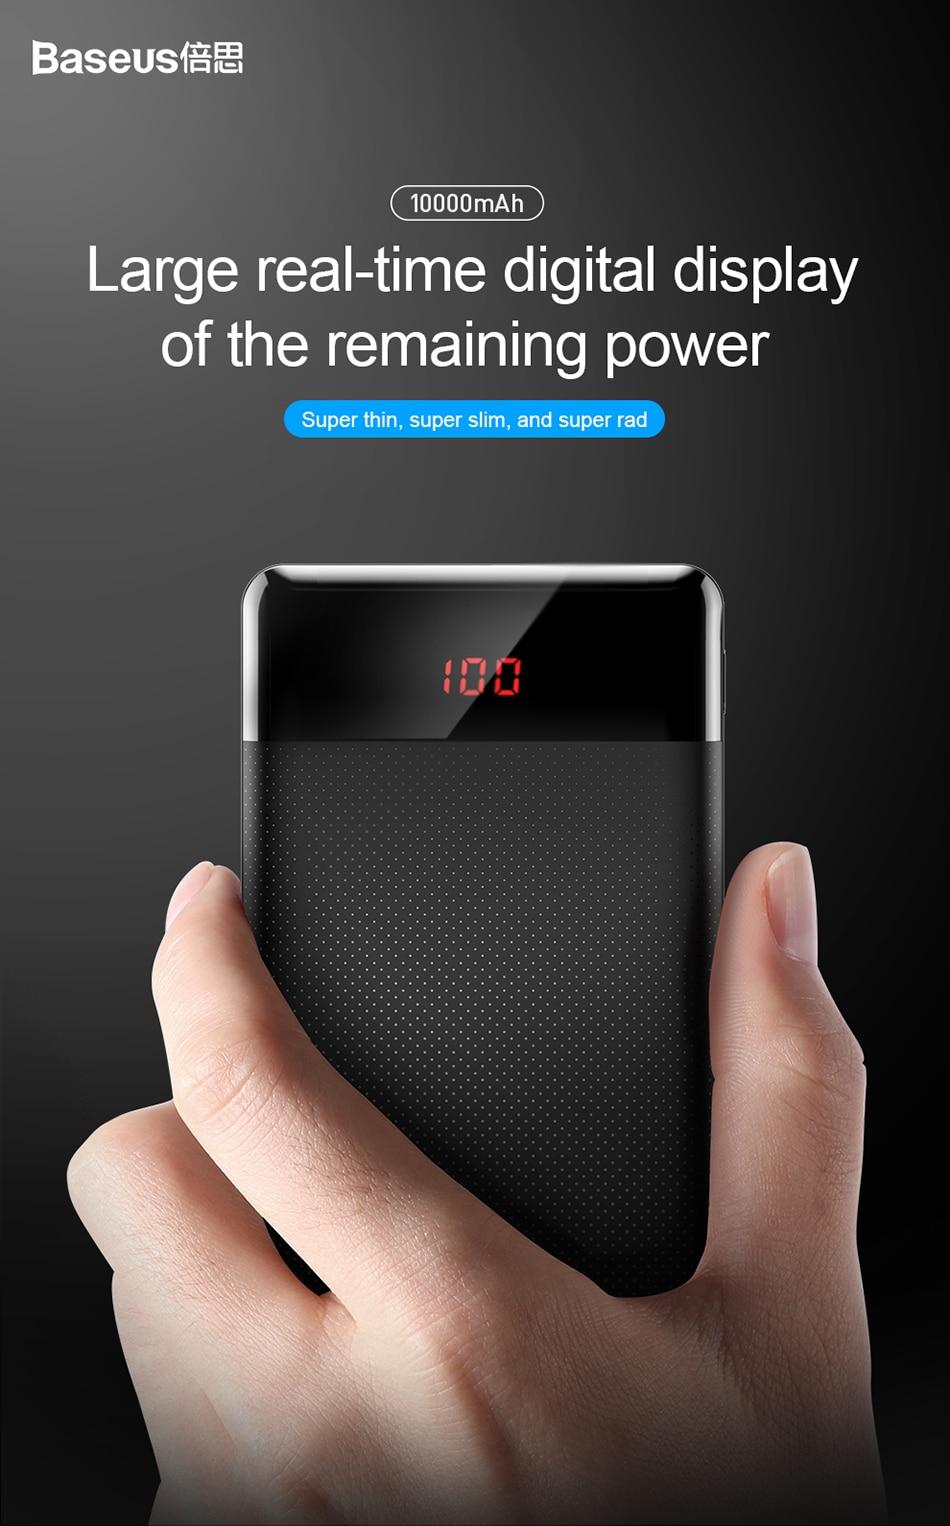 Baseus 10000mAh Power Bank przenośna ładowarka do Xiao mi mi 9 iPhone 1